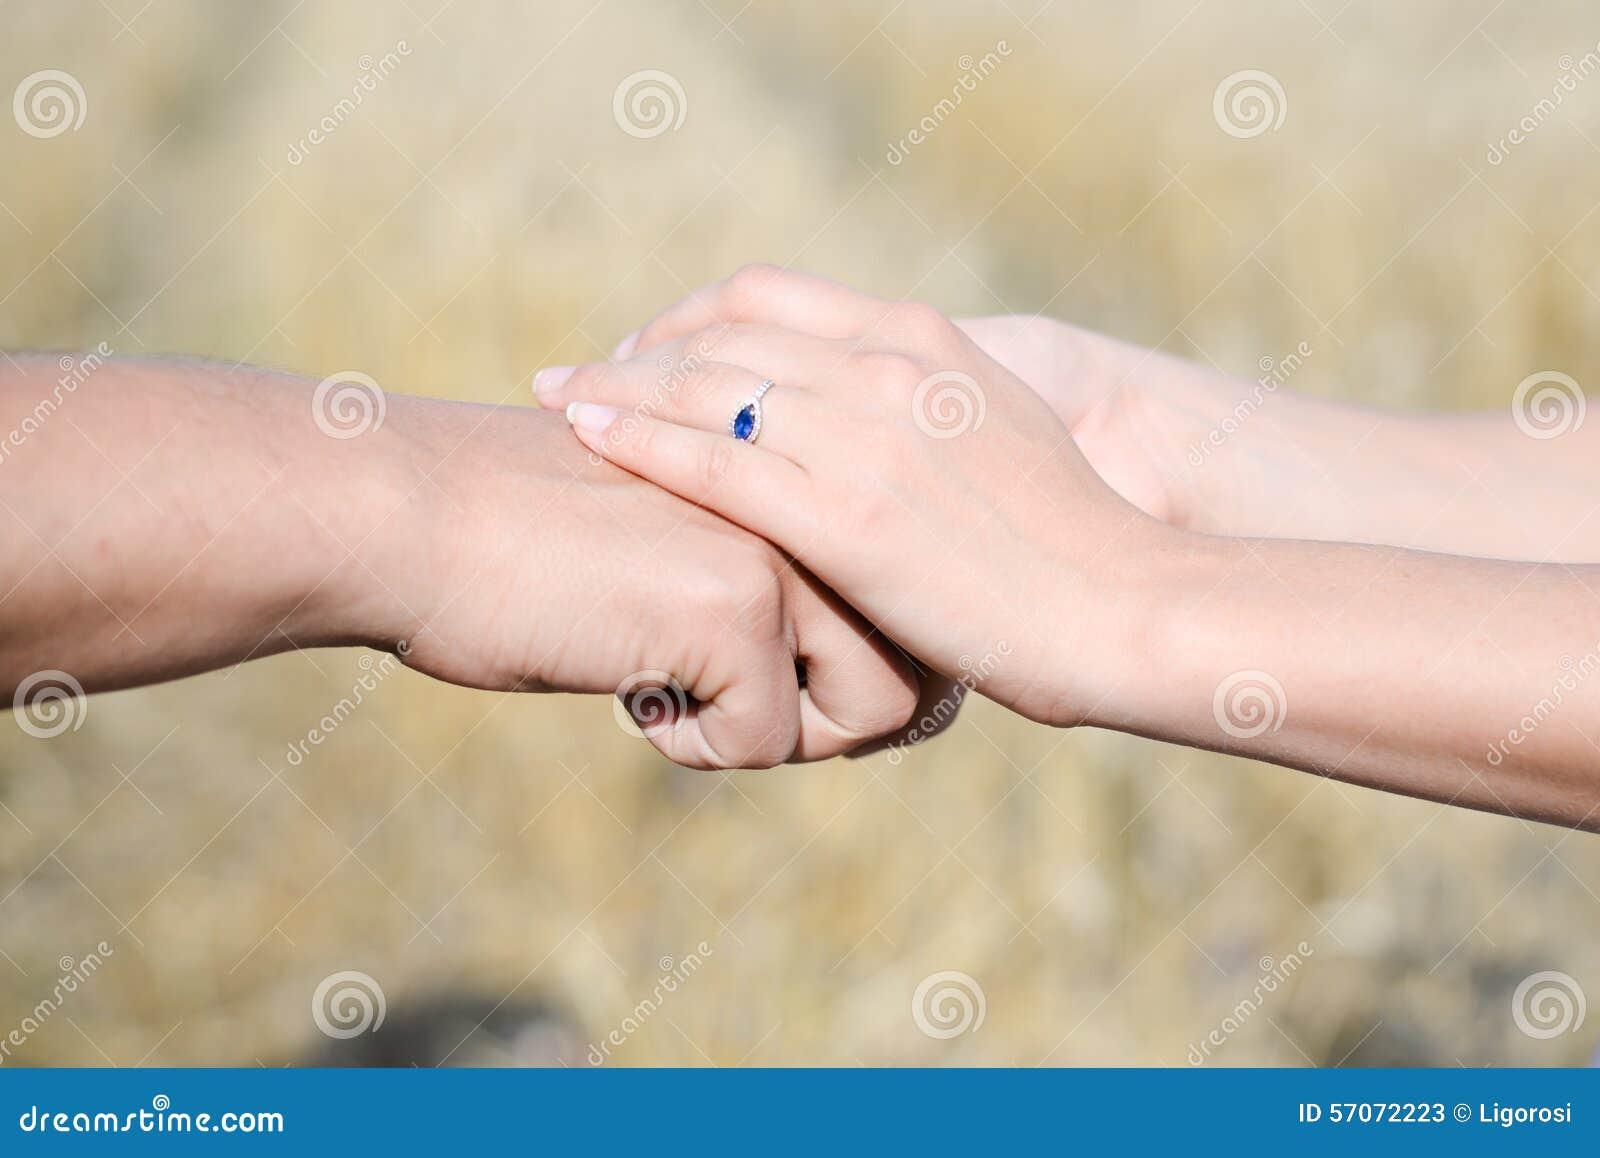 De handen van het wijfje gezet over de hand van het mannetje